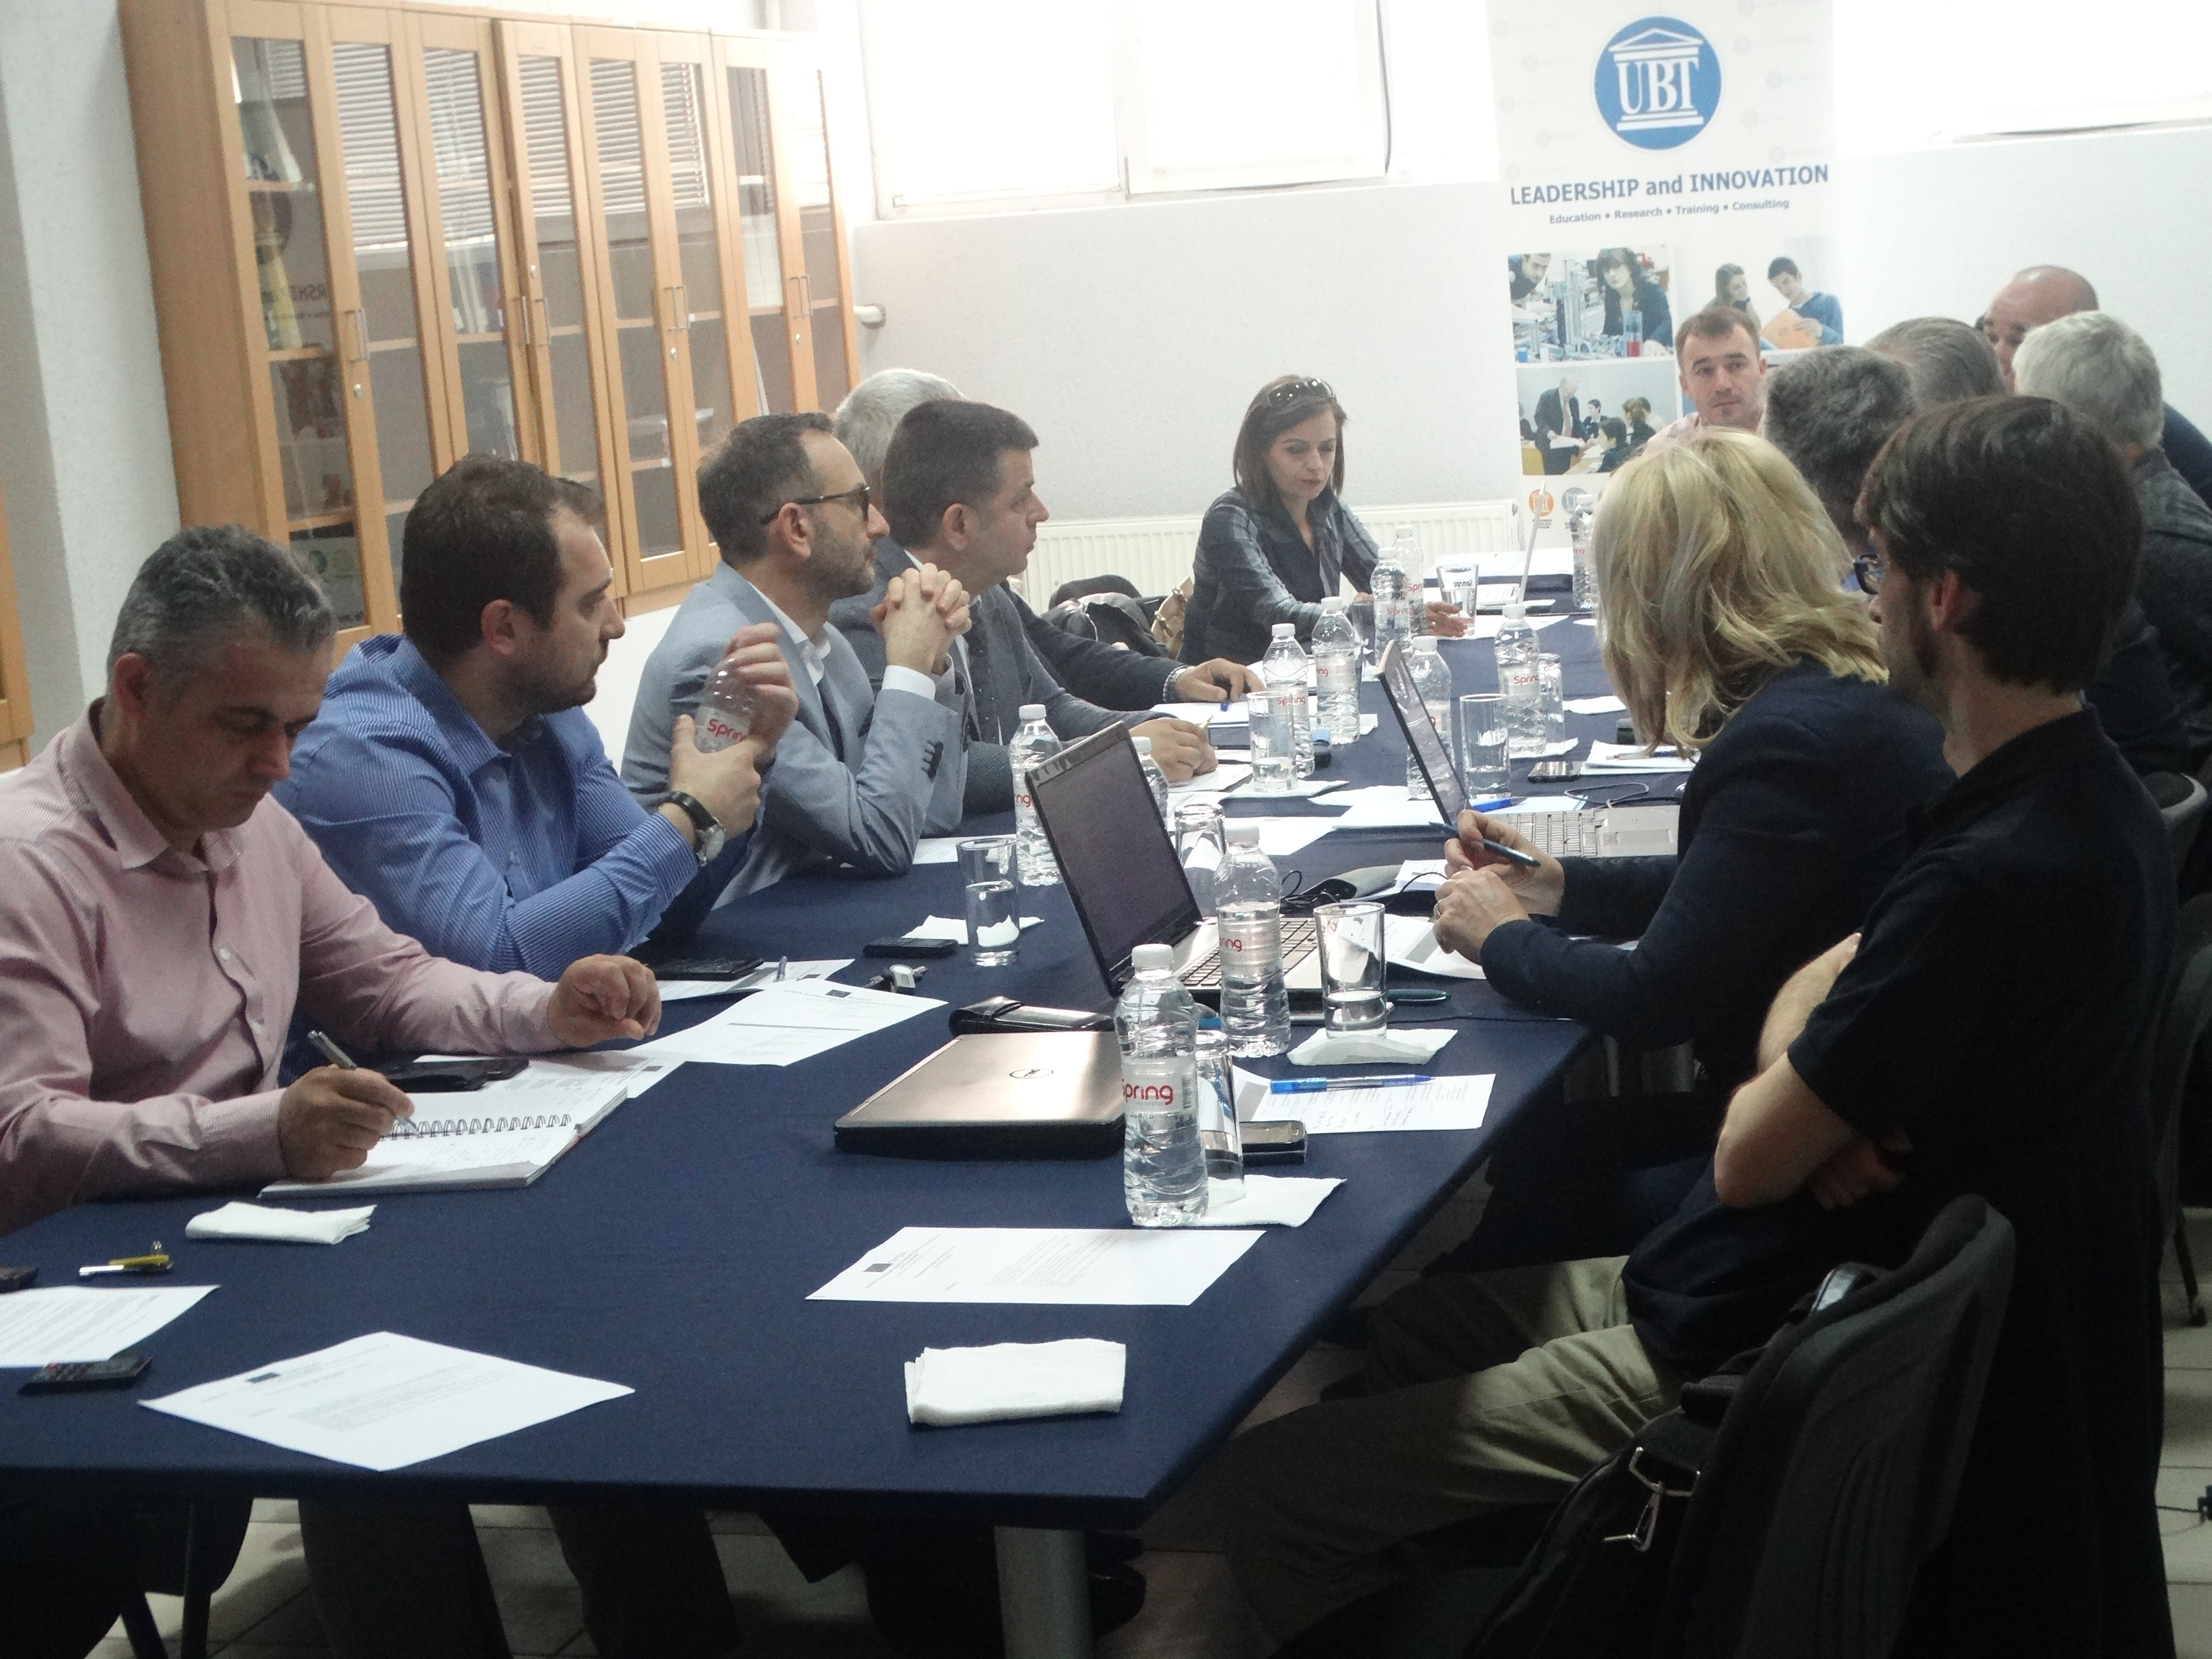 UBT – nikoqire e Konferencës për energjinë efiçiente në Ballkanin Perëndimor